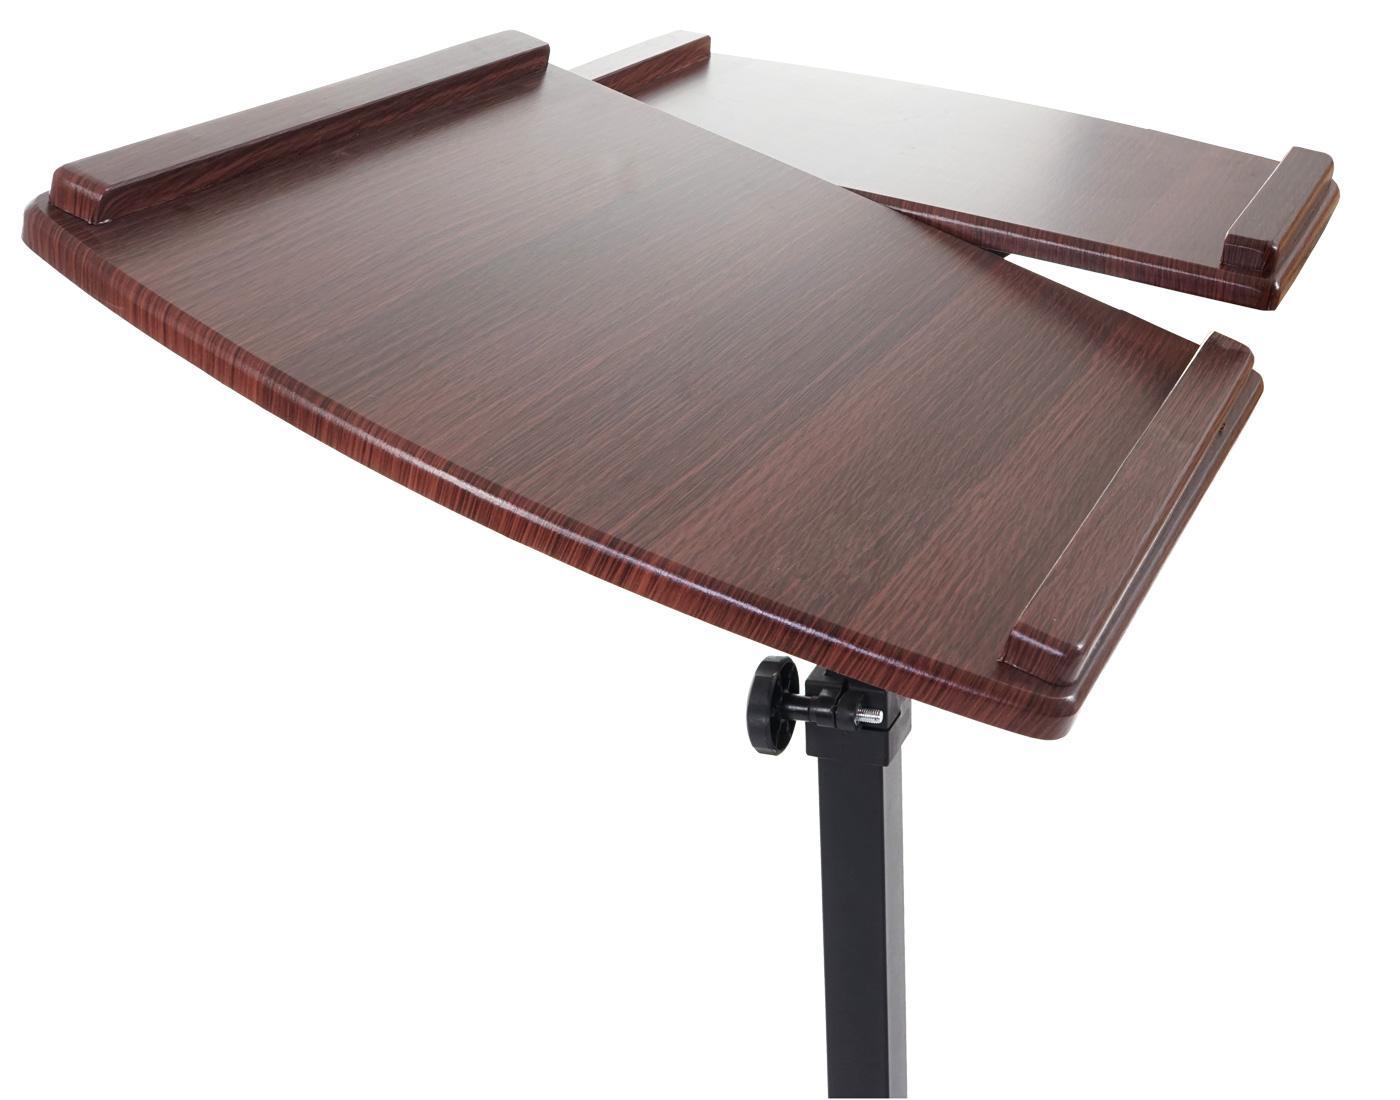 Leggio Da Poltrona.Tavolino Leggio Per Computer Portatile Stand Top Altezza Regolabile Con Ruote Ripiano In Legno Color Noce